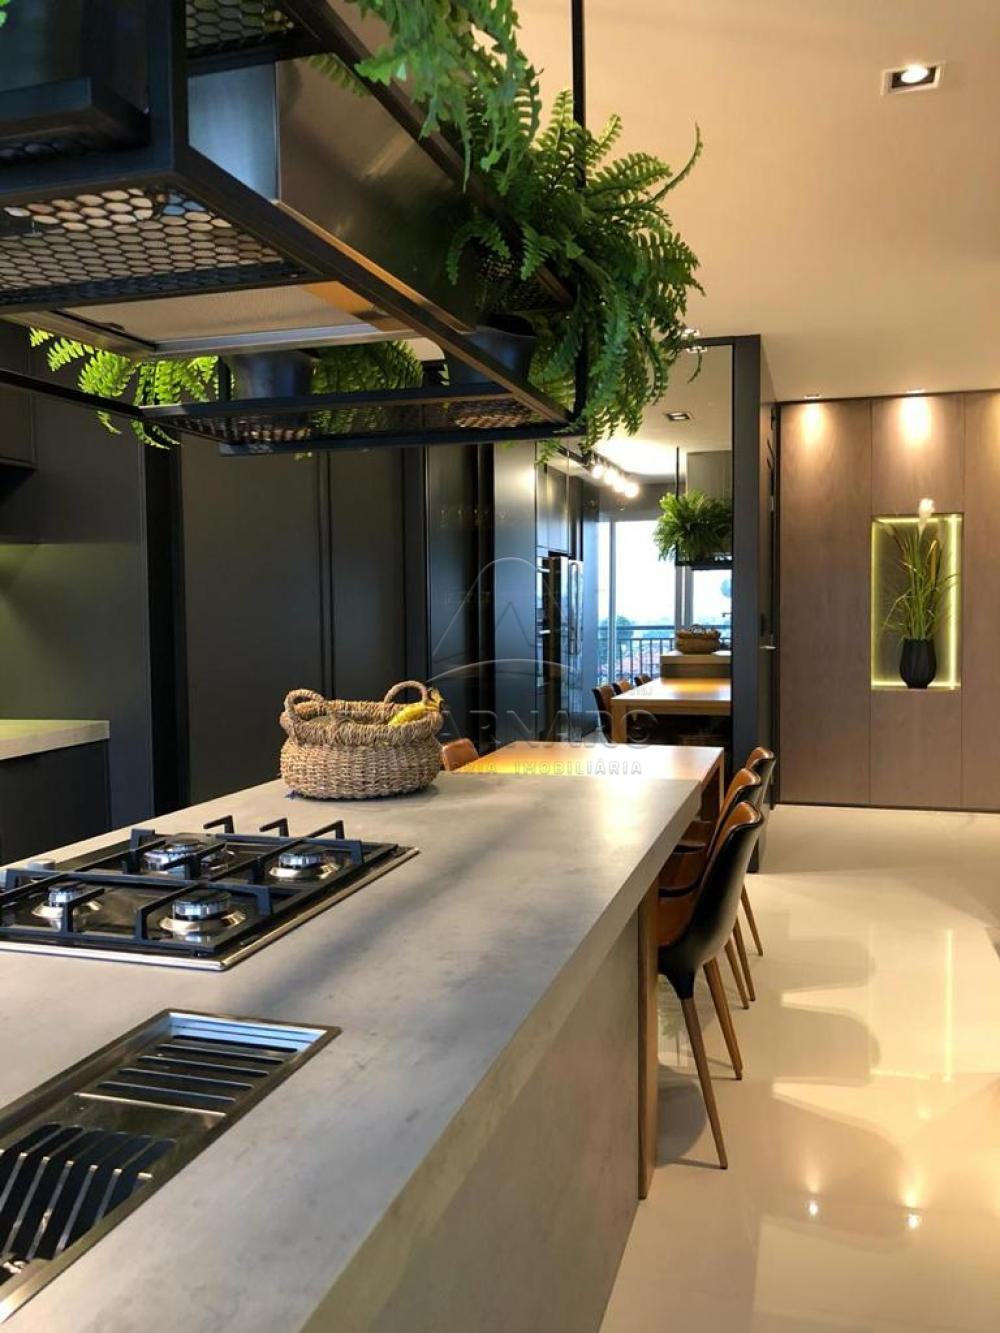 Comprar Apartamento / Padrão em Ponta Grossa R$ 1.500.000,00 - Foto 2